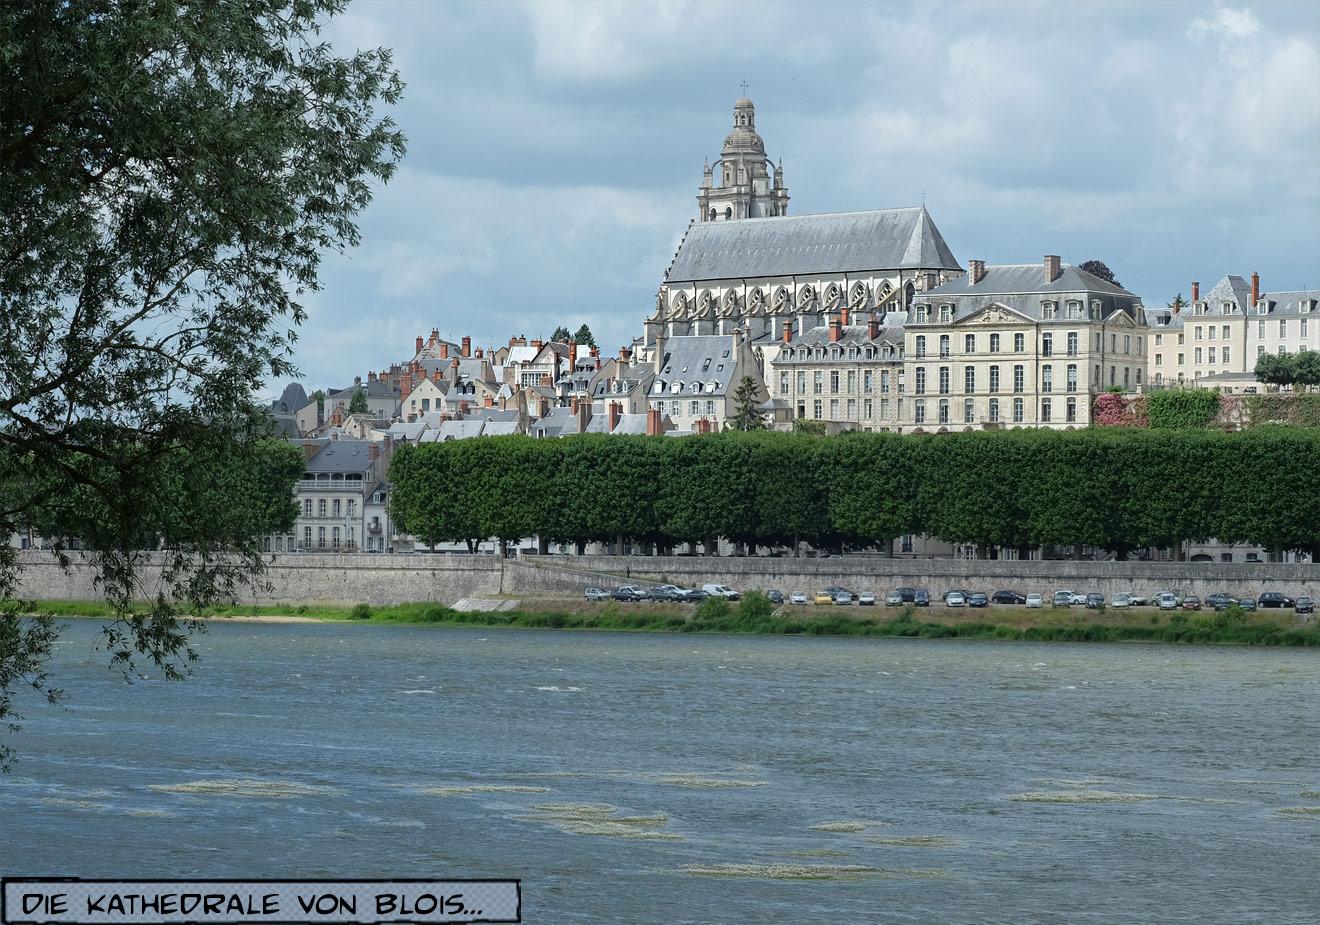 Kathedrale von Blois